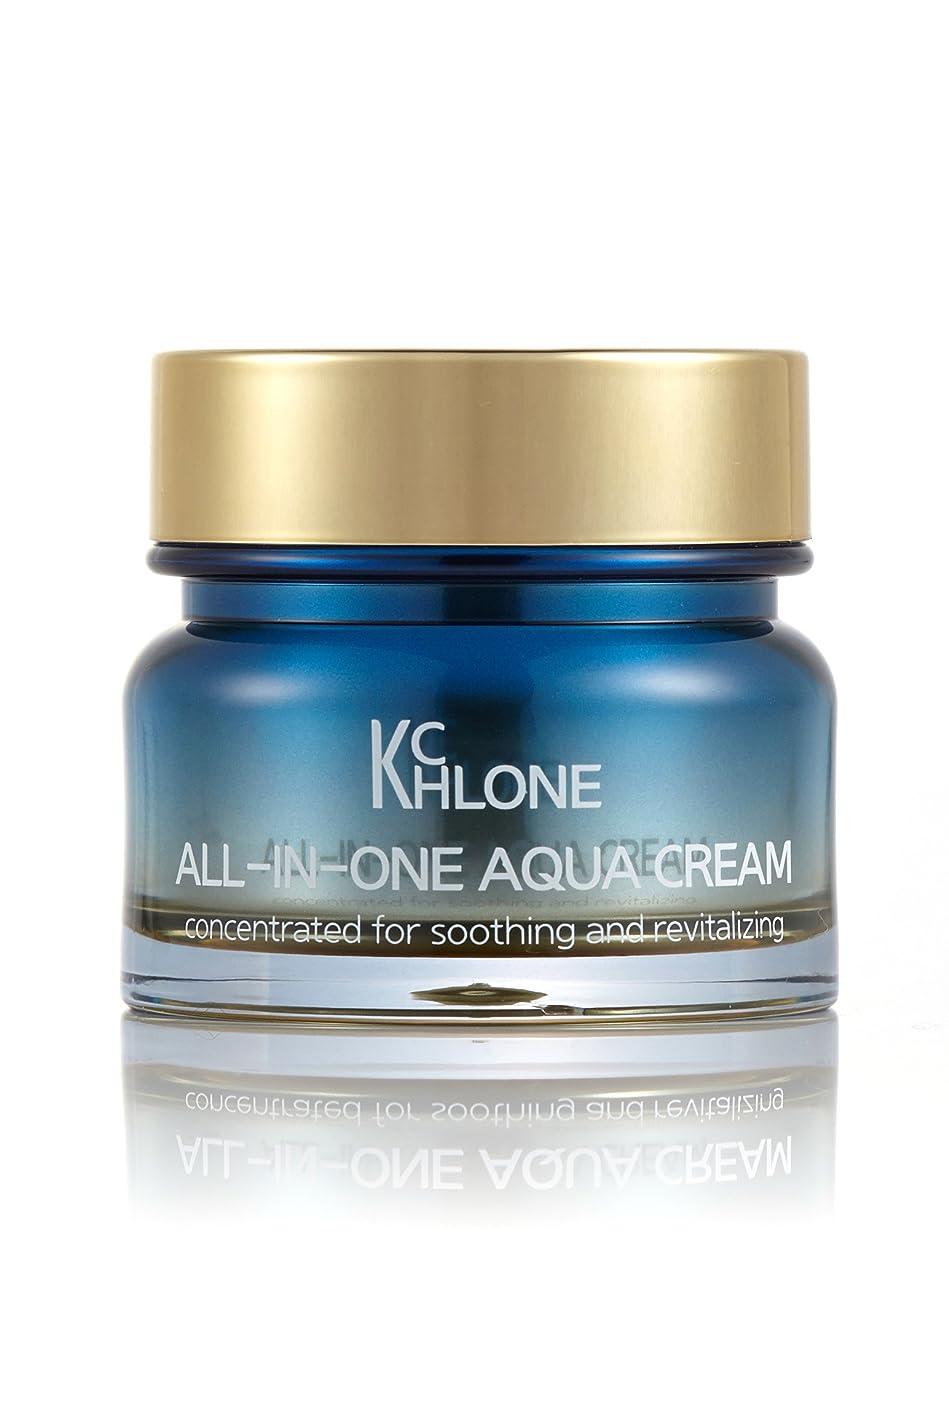 不透明なゼロ渇き[クロネ] KCHLONE オールインワンアクアクリーム50ml (All-in-One Aqua Cream 50ml)